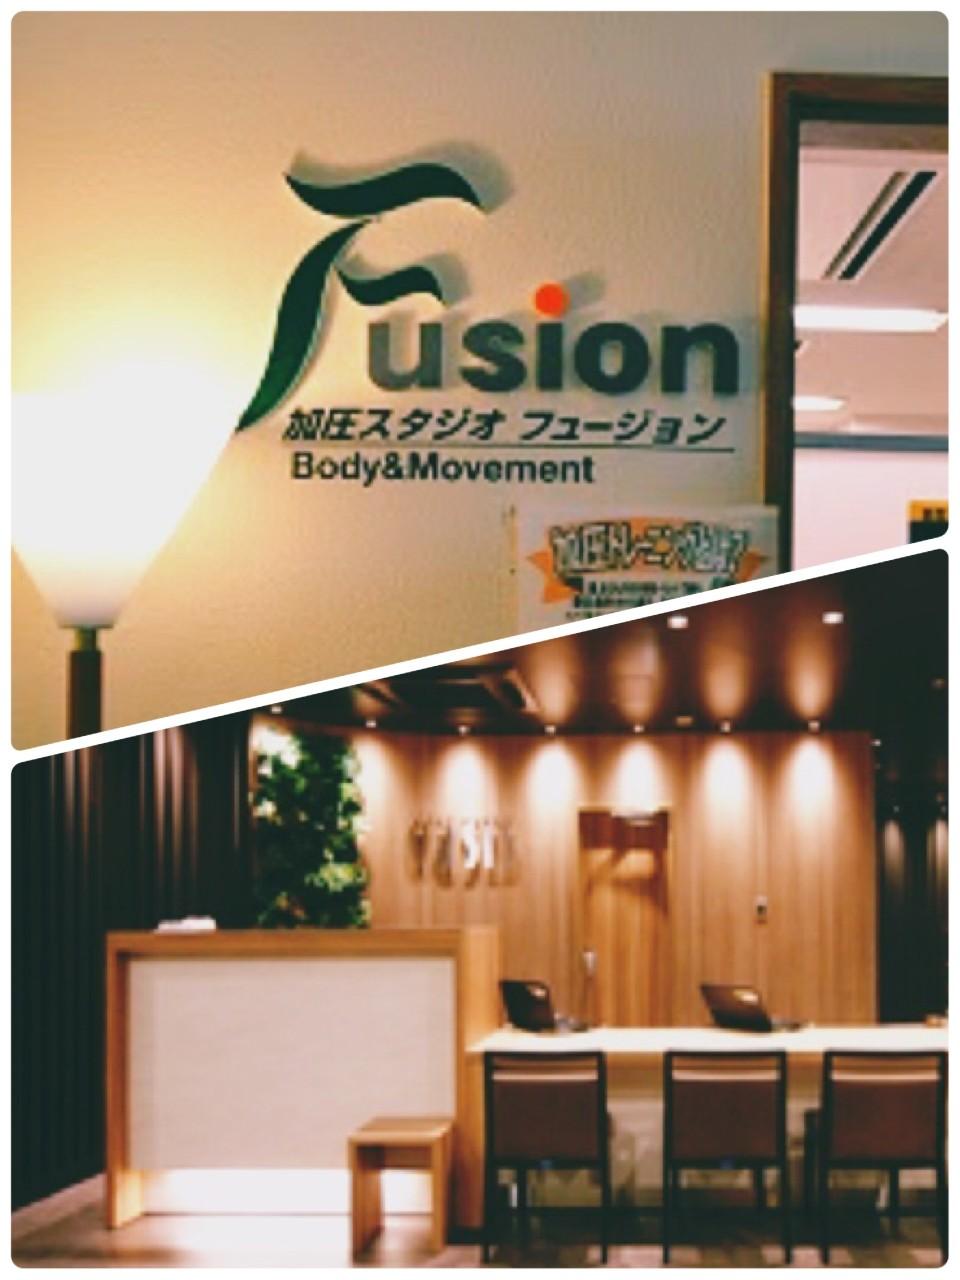 加圧Fusion新宿店(東急スポーツオアシス新宿店内)の写真9